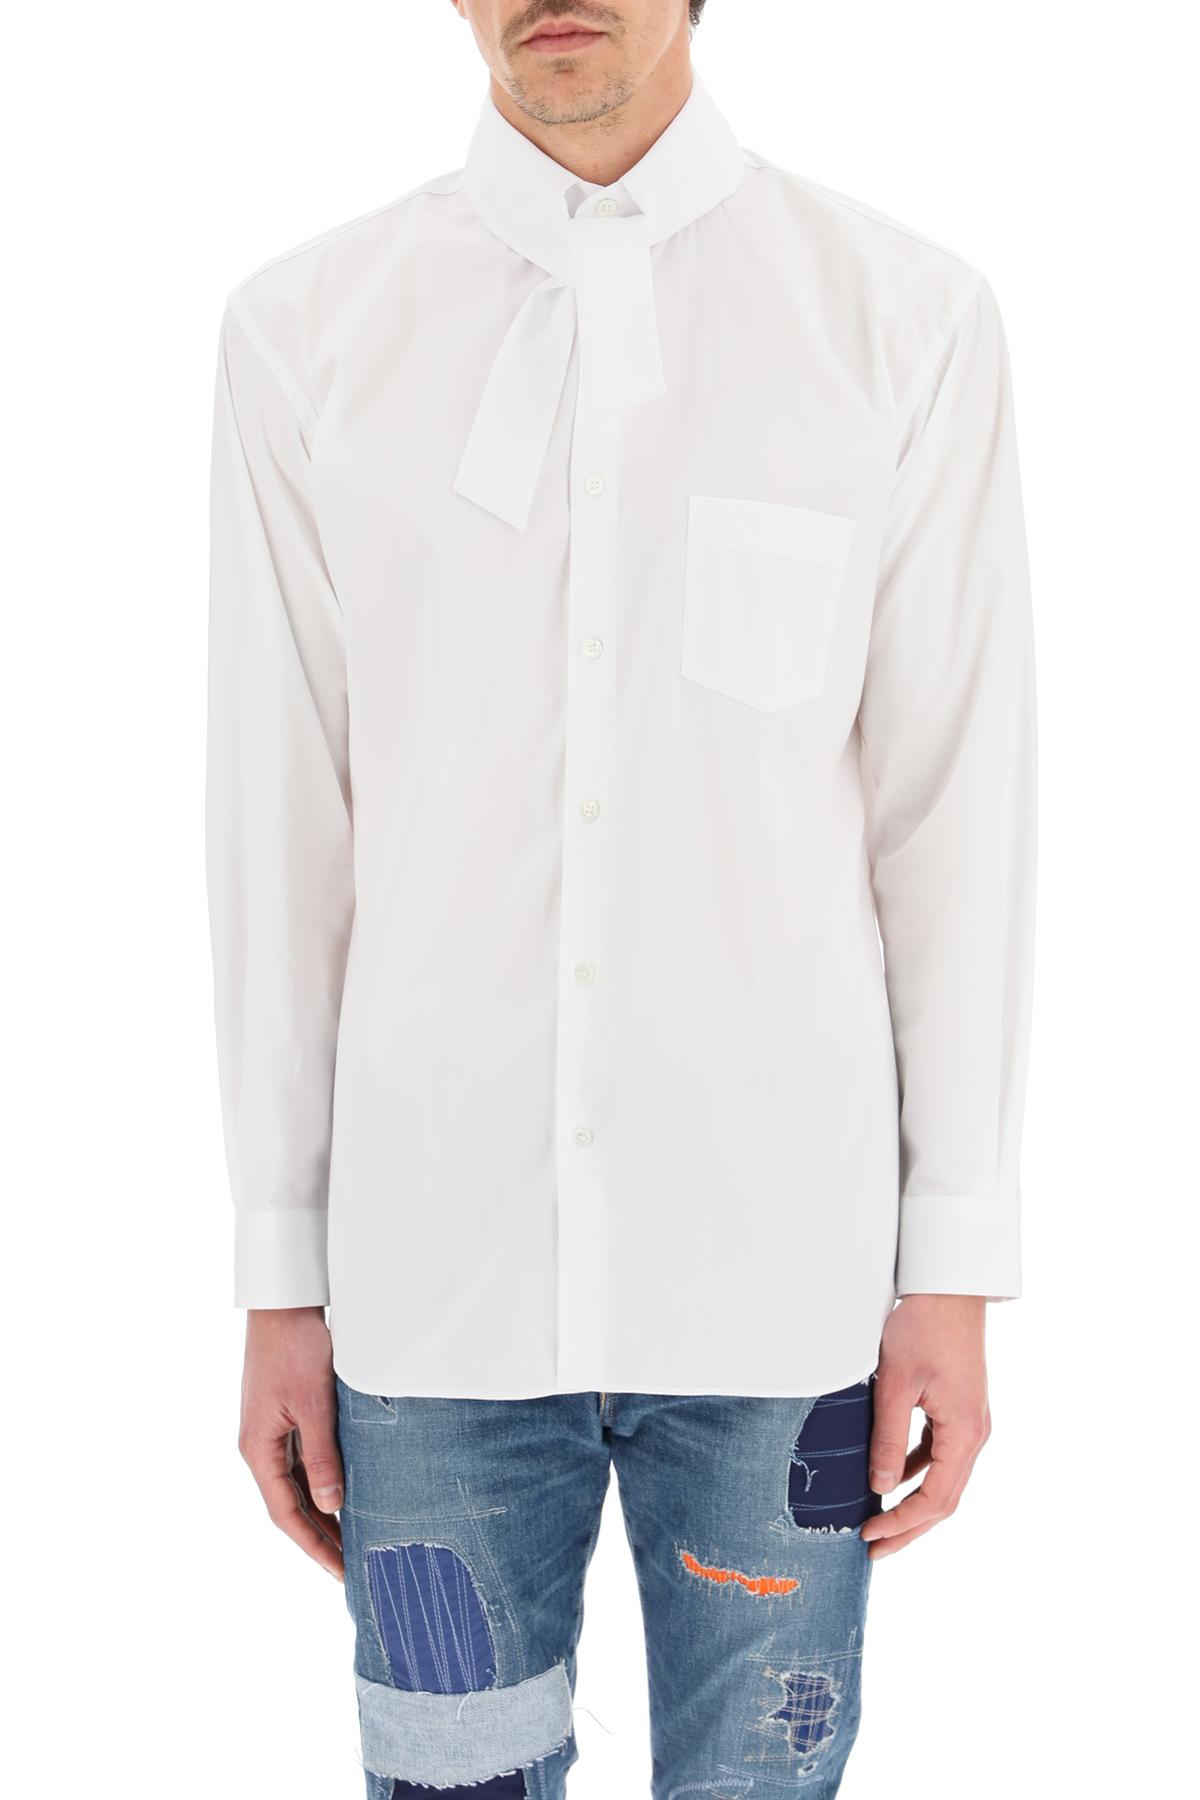 Comme des garcons shirt camicia popeline con colletto annodabile